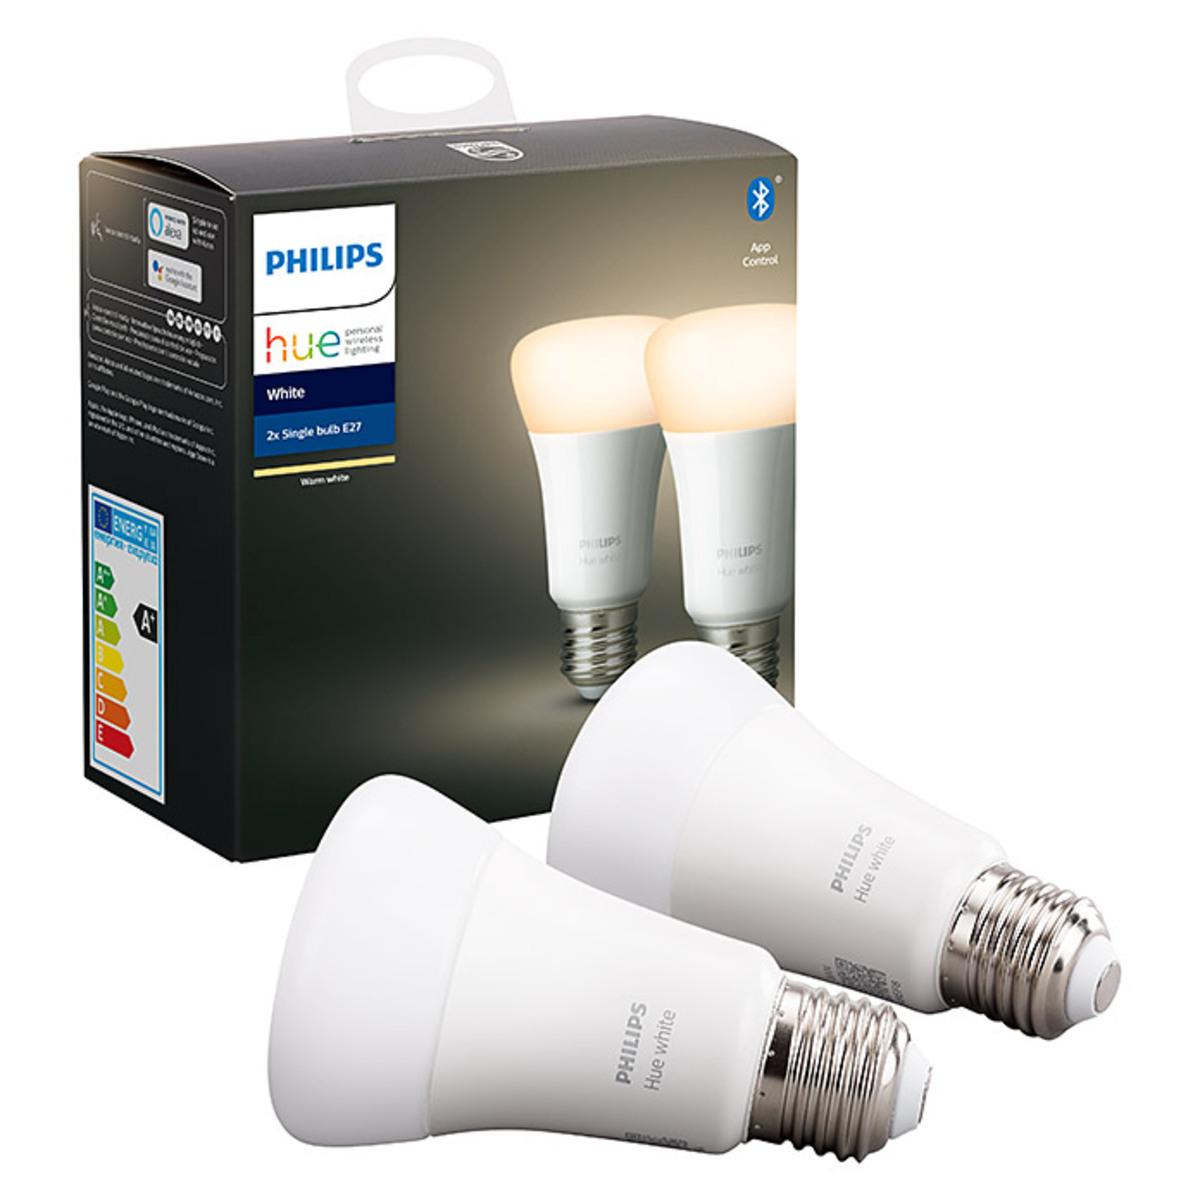 Bild 3 von Philips Hue LED-Leuchtmittel-Set White